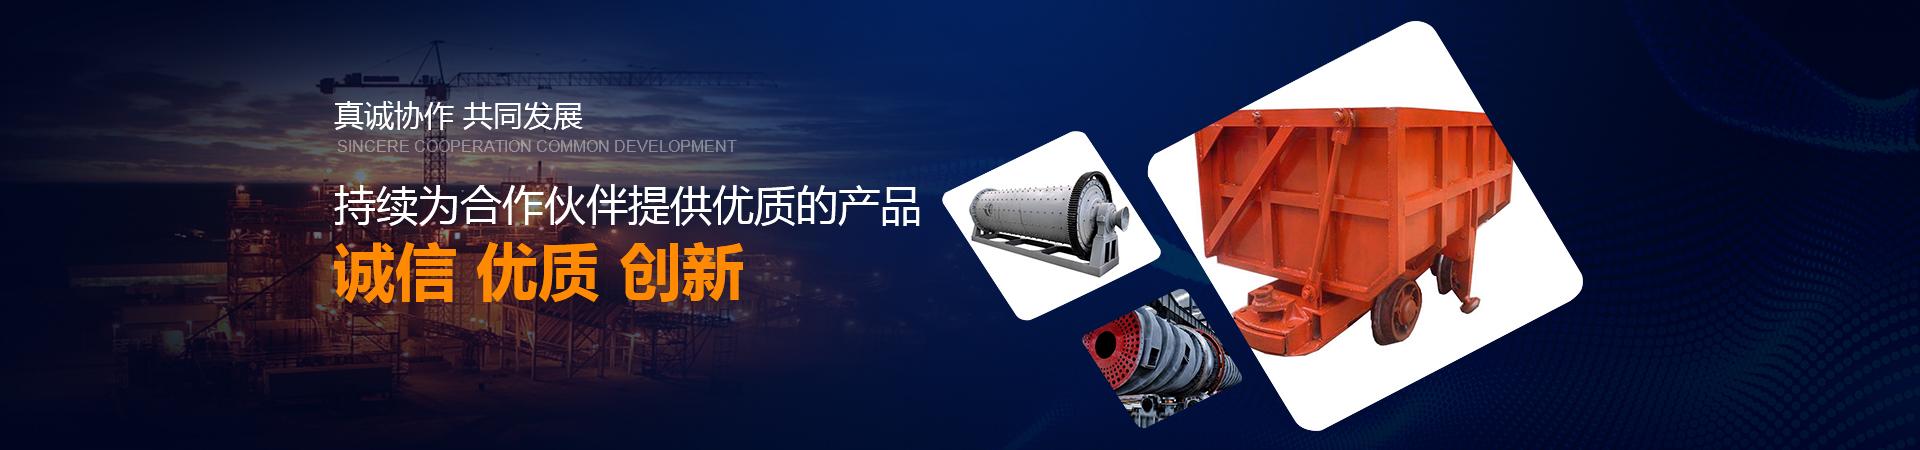 亿博投注网站亿博团队全天实施计划下载重型机器有限公司